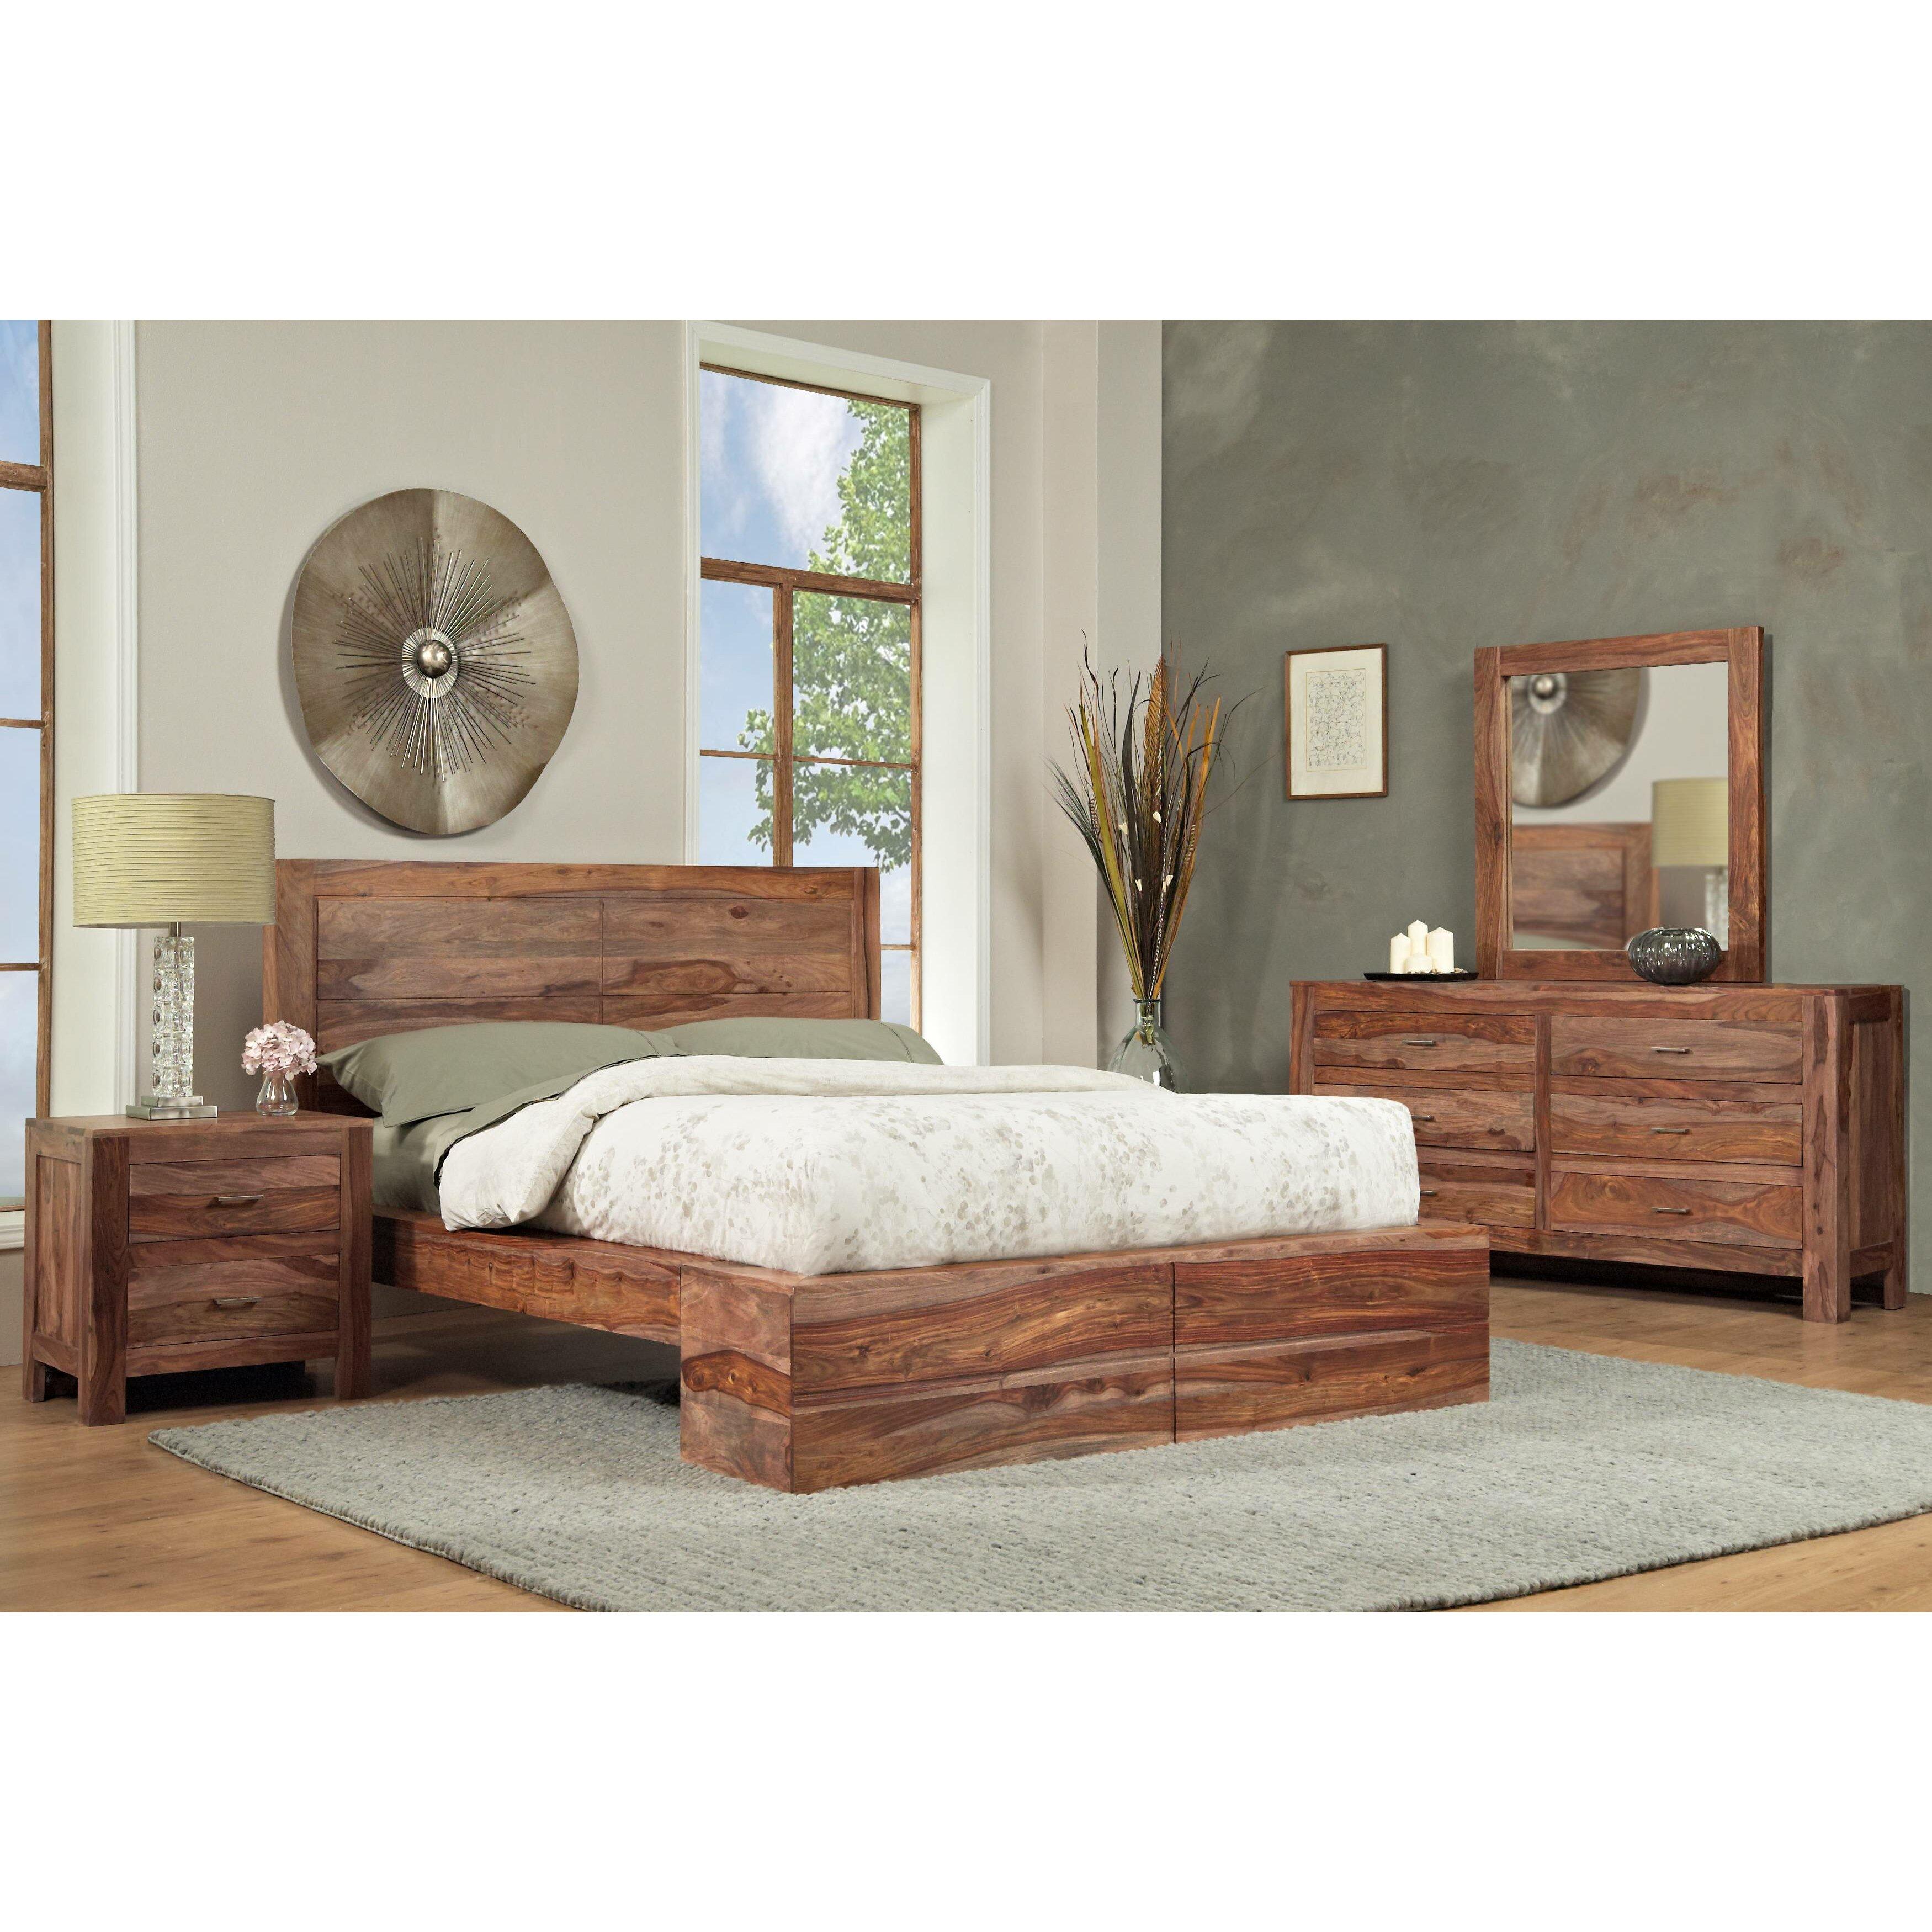 modus atria platform customizable bedroom set reviews